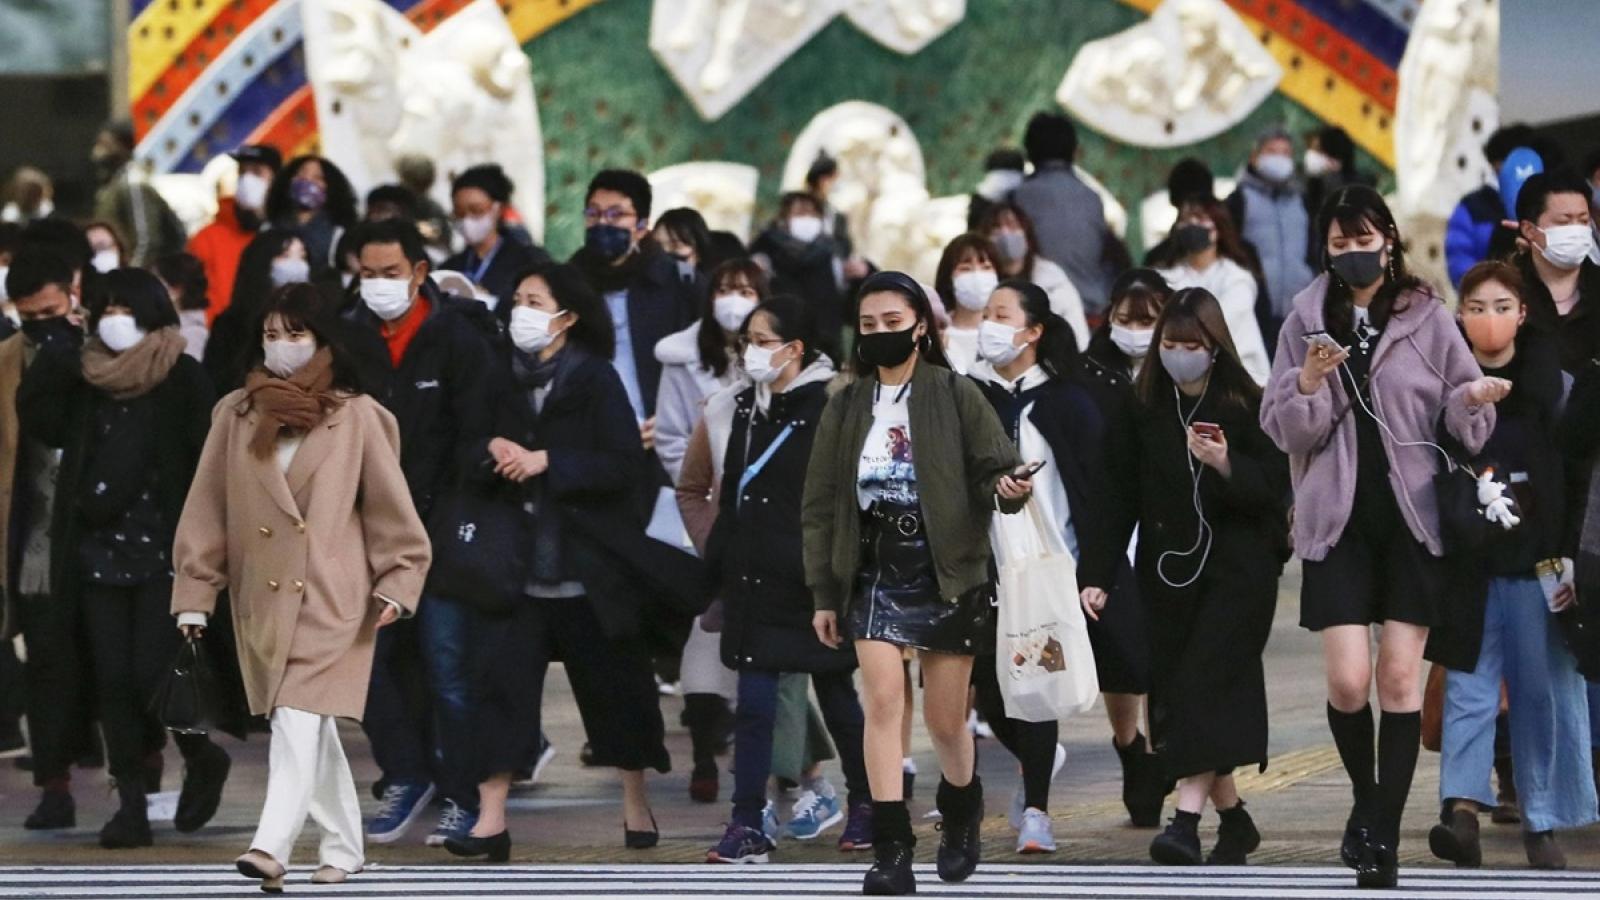 Biến thể SARS-CoV-2 lan nhanh ở Nhật Bản, số ca Covid-19 tăng vọt ở Thái Lan và Ấn Độ